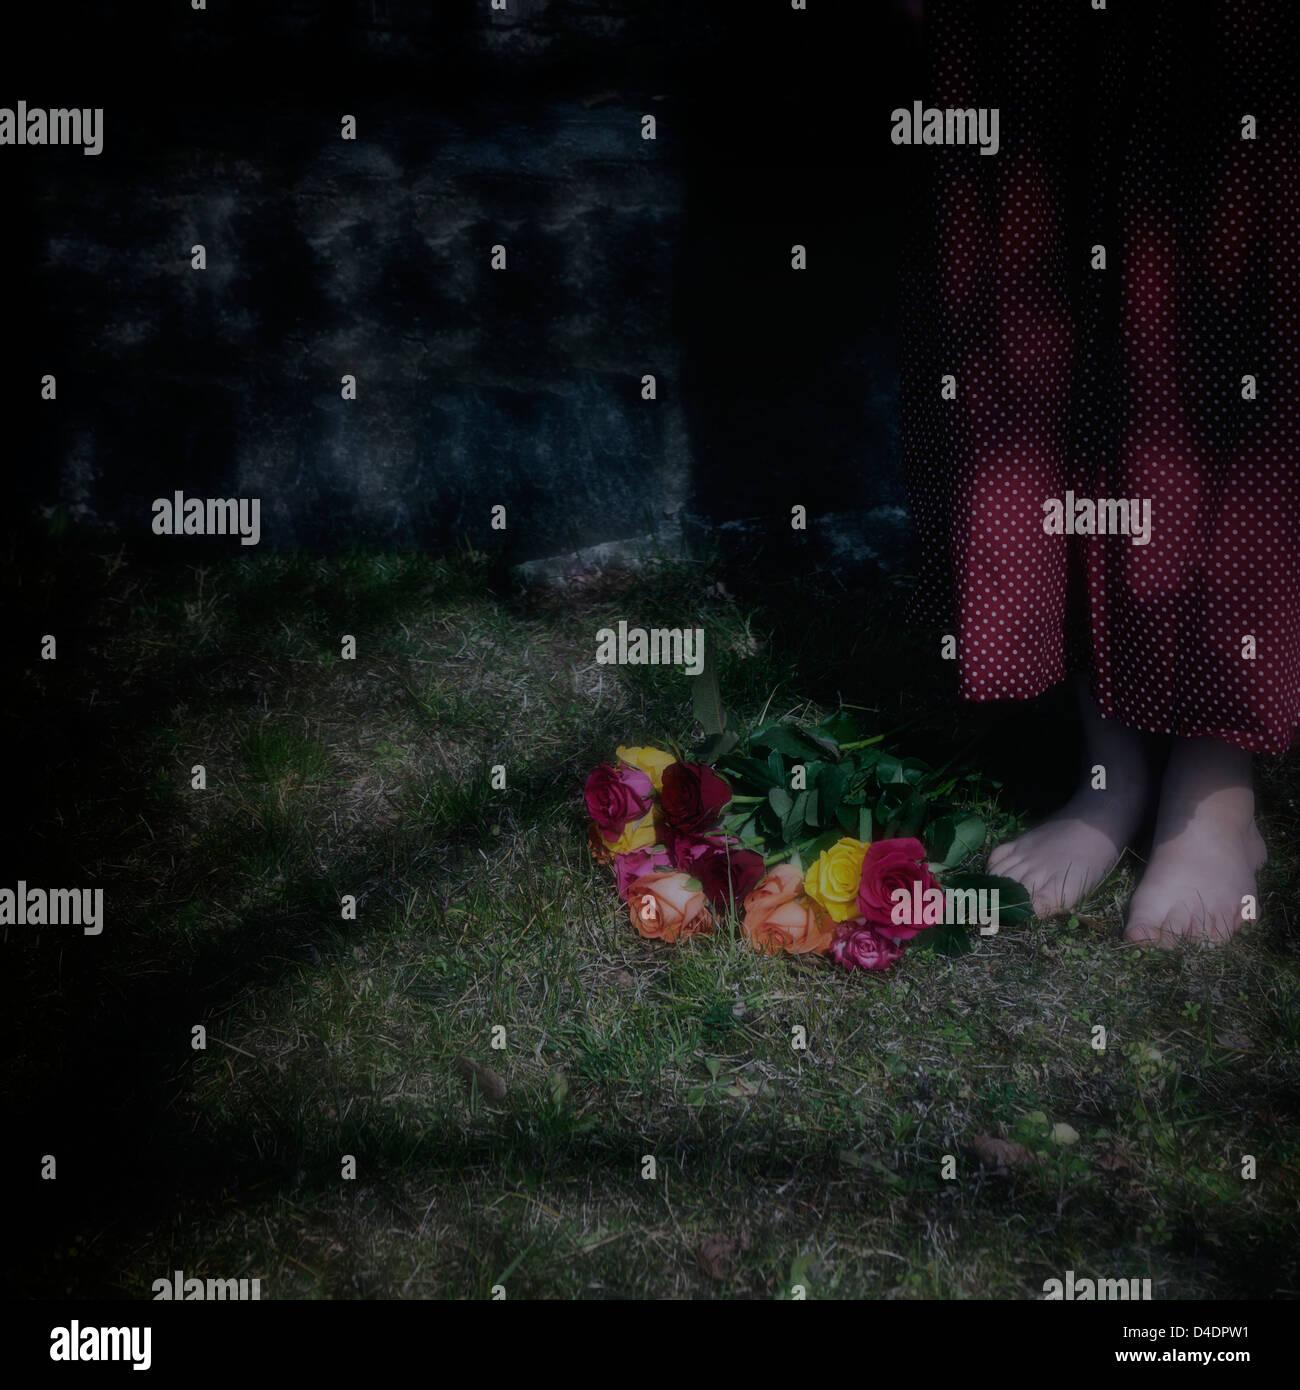 ein Mädchen im Dunkeln, nackten Sohlen durch einen Blumenstrauß Stockbild